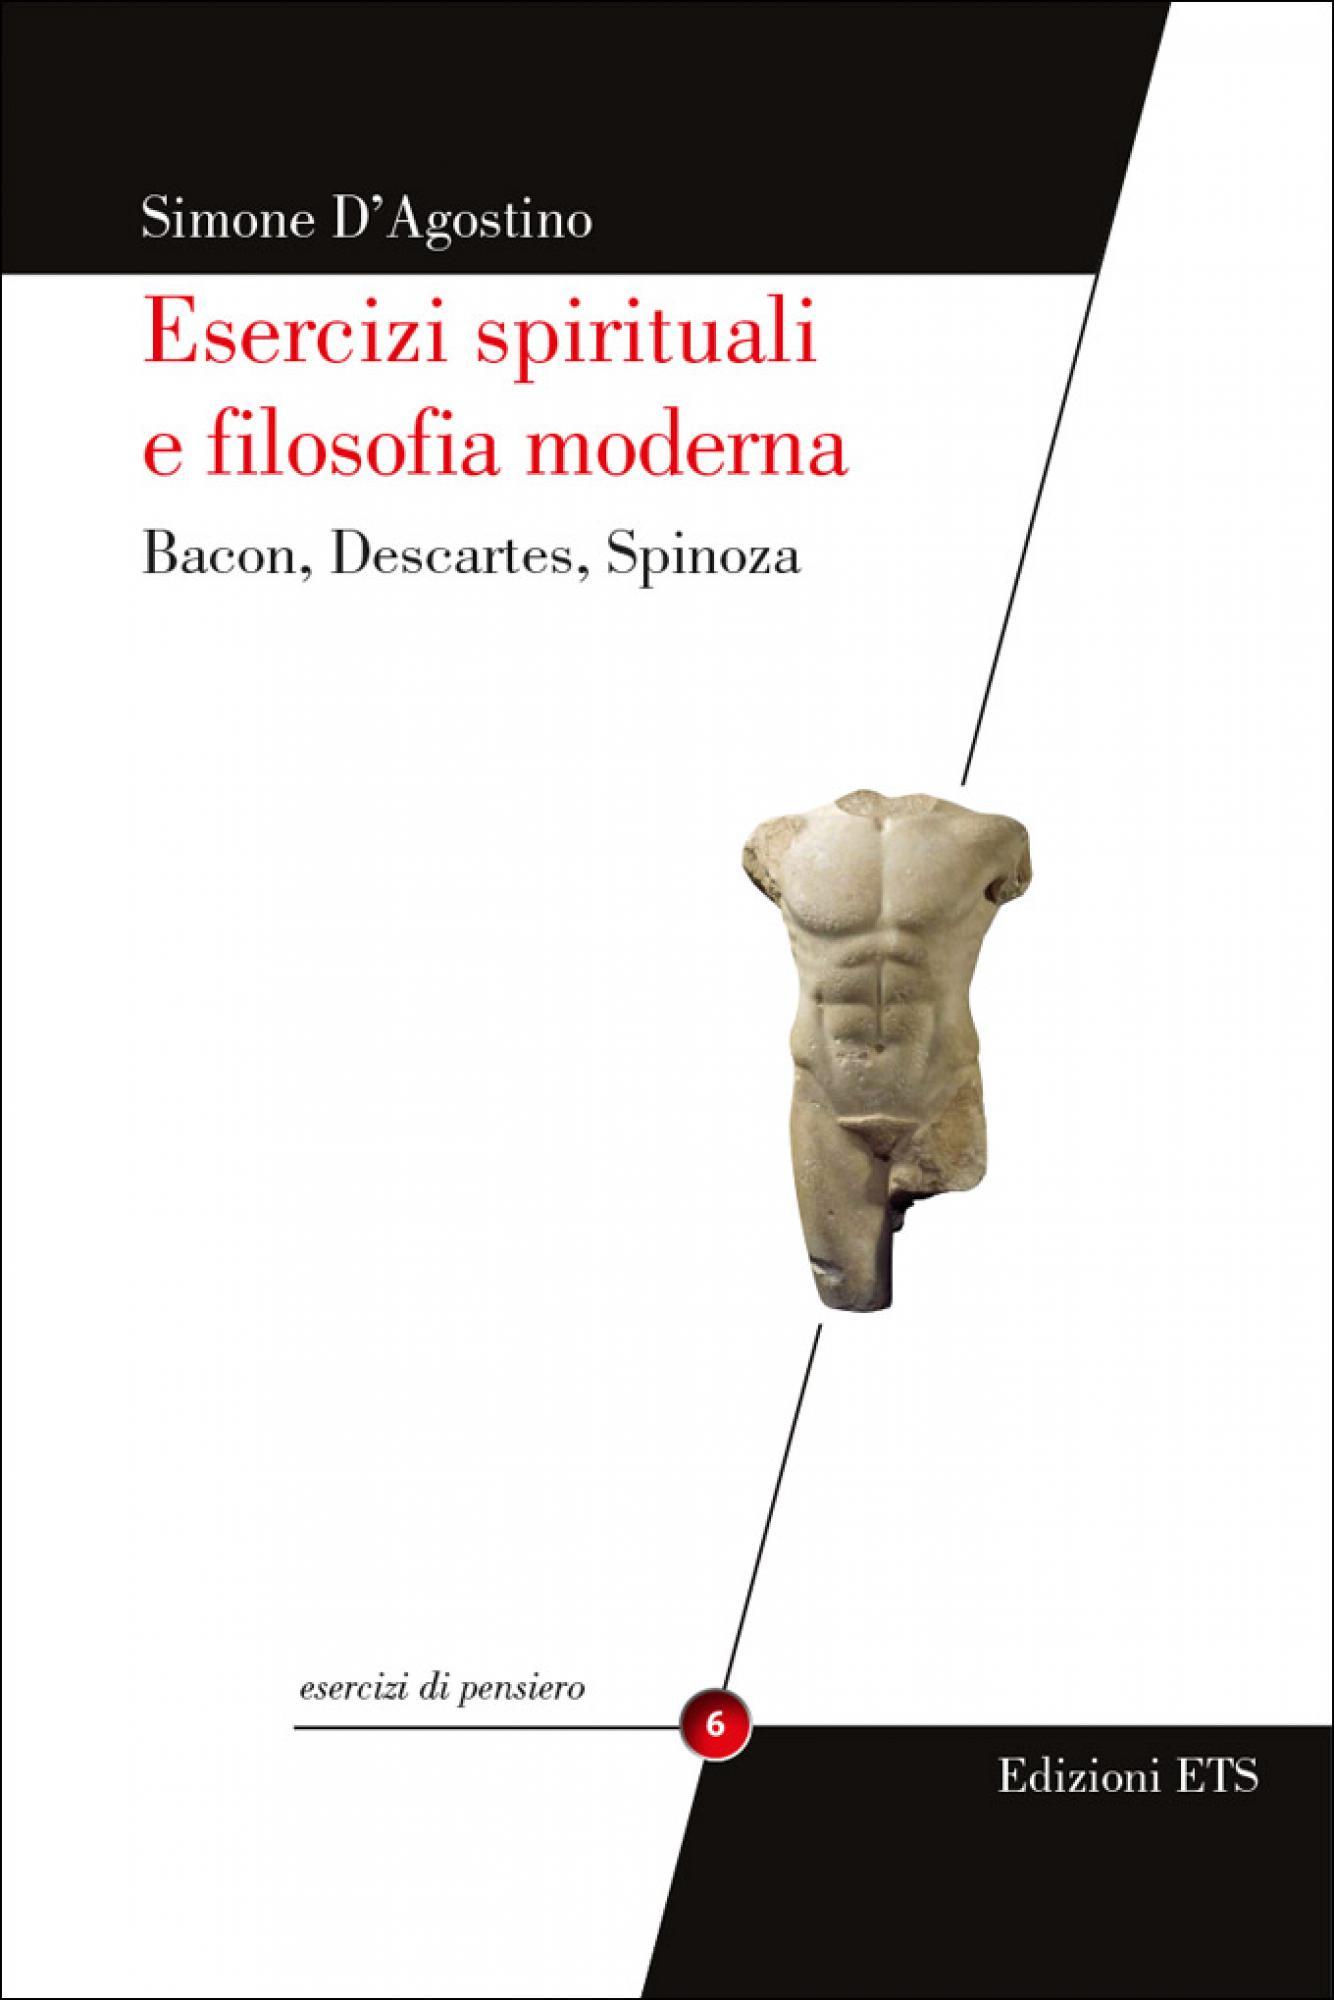 Esercizi spirituali e filosofia moderna .Bacon, Descartes, Spinoza